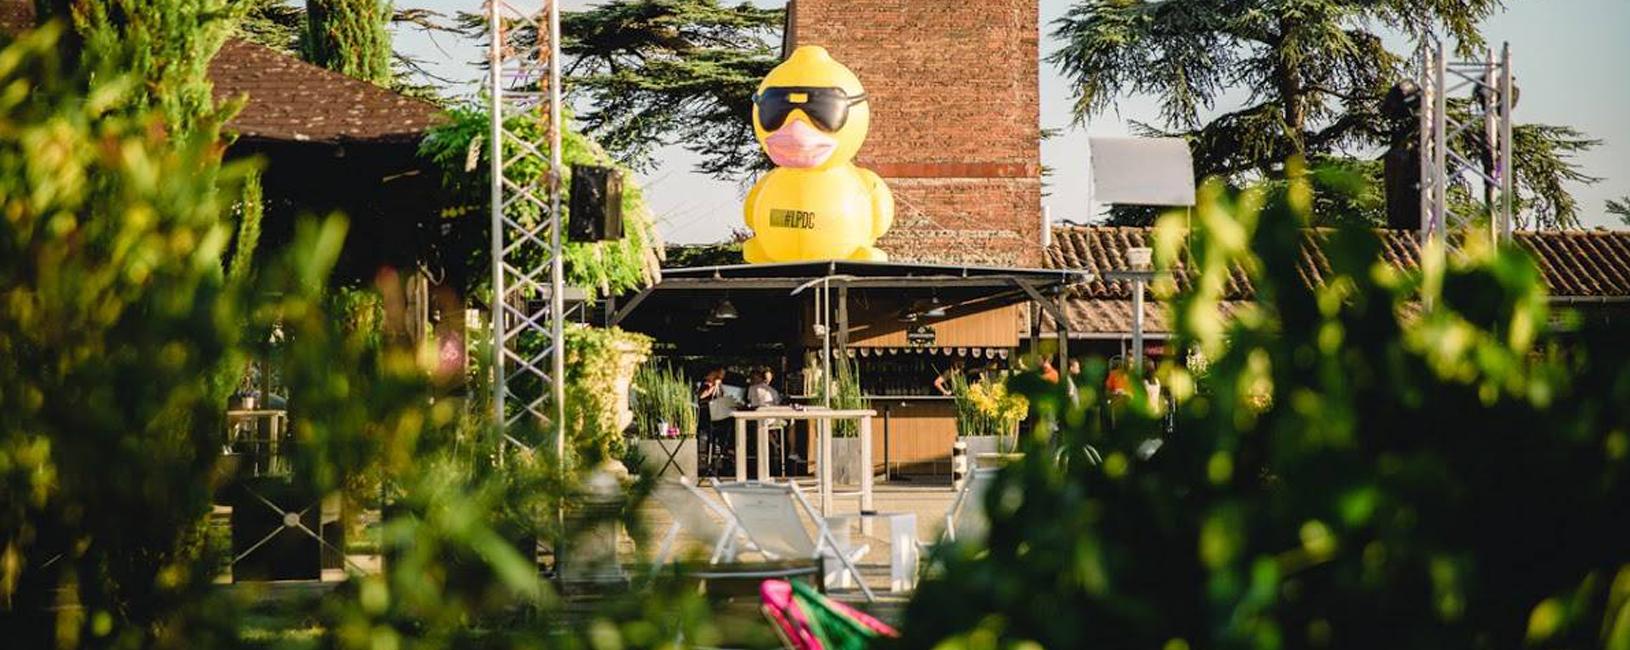 Le canard sur le toit